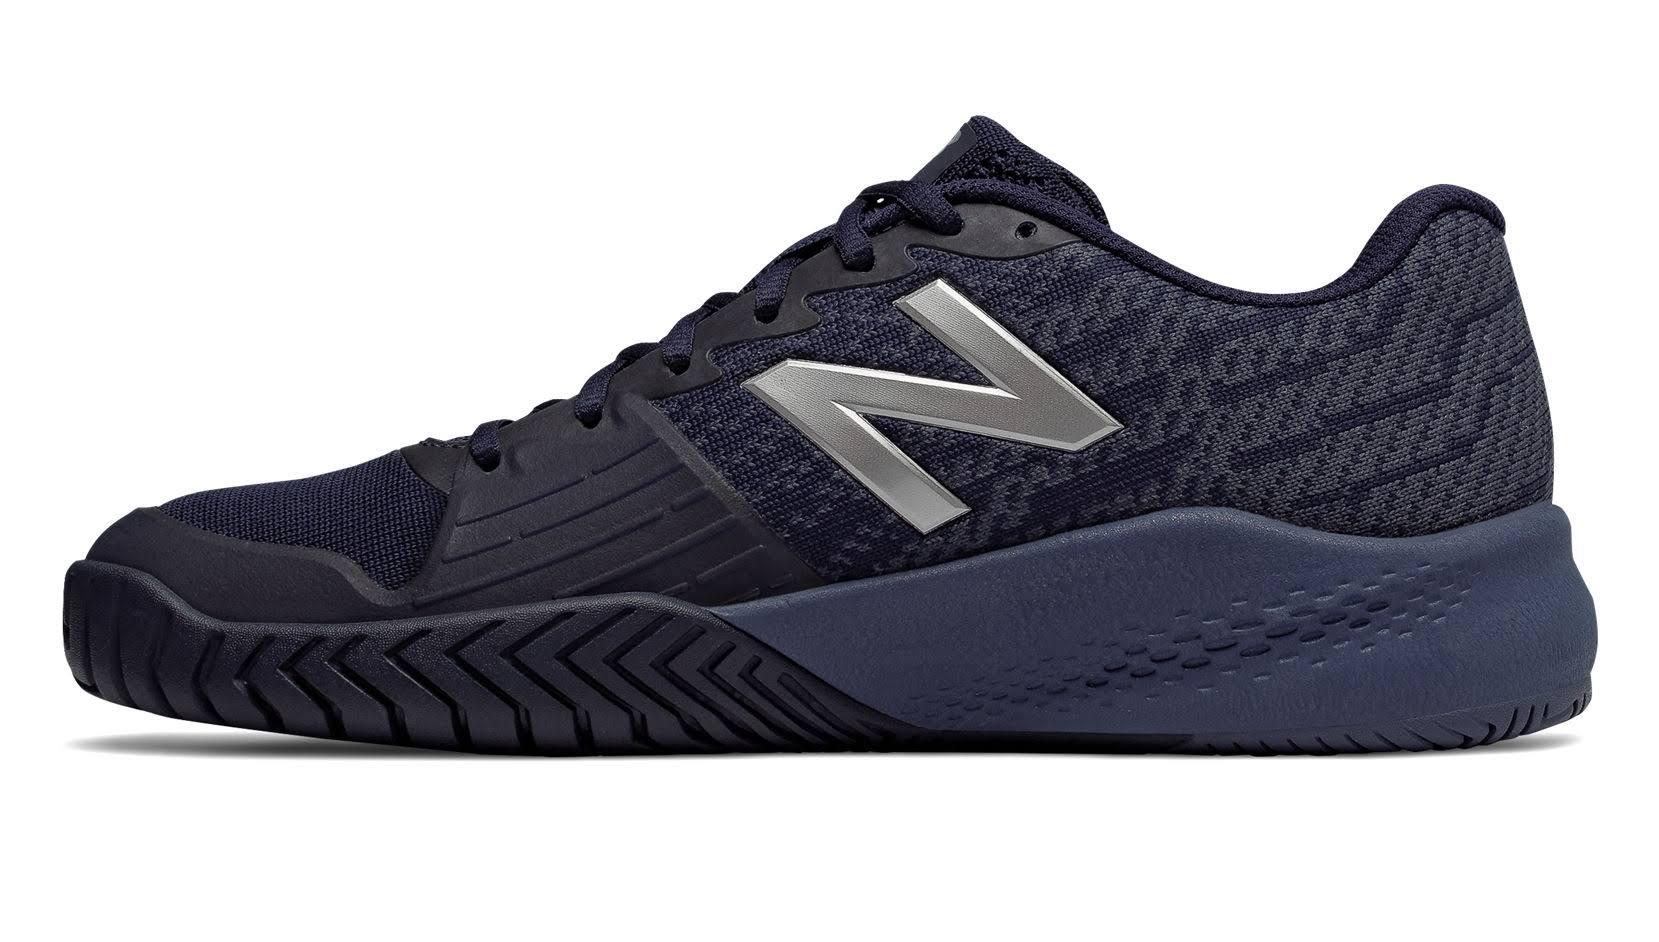 Tenis Marino Hombre Mch996n3 New Para De Azul Zapatillas 2e Pigmento Balance Bx60vn5WP